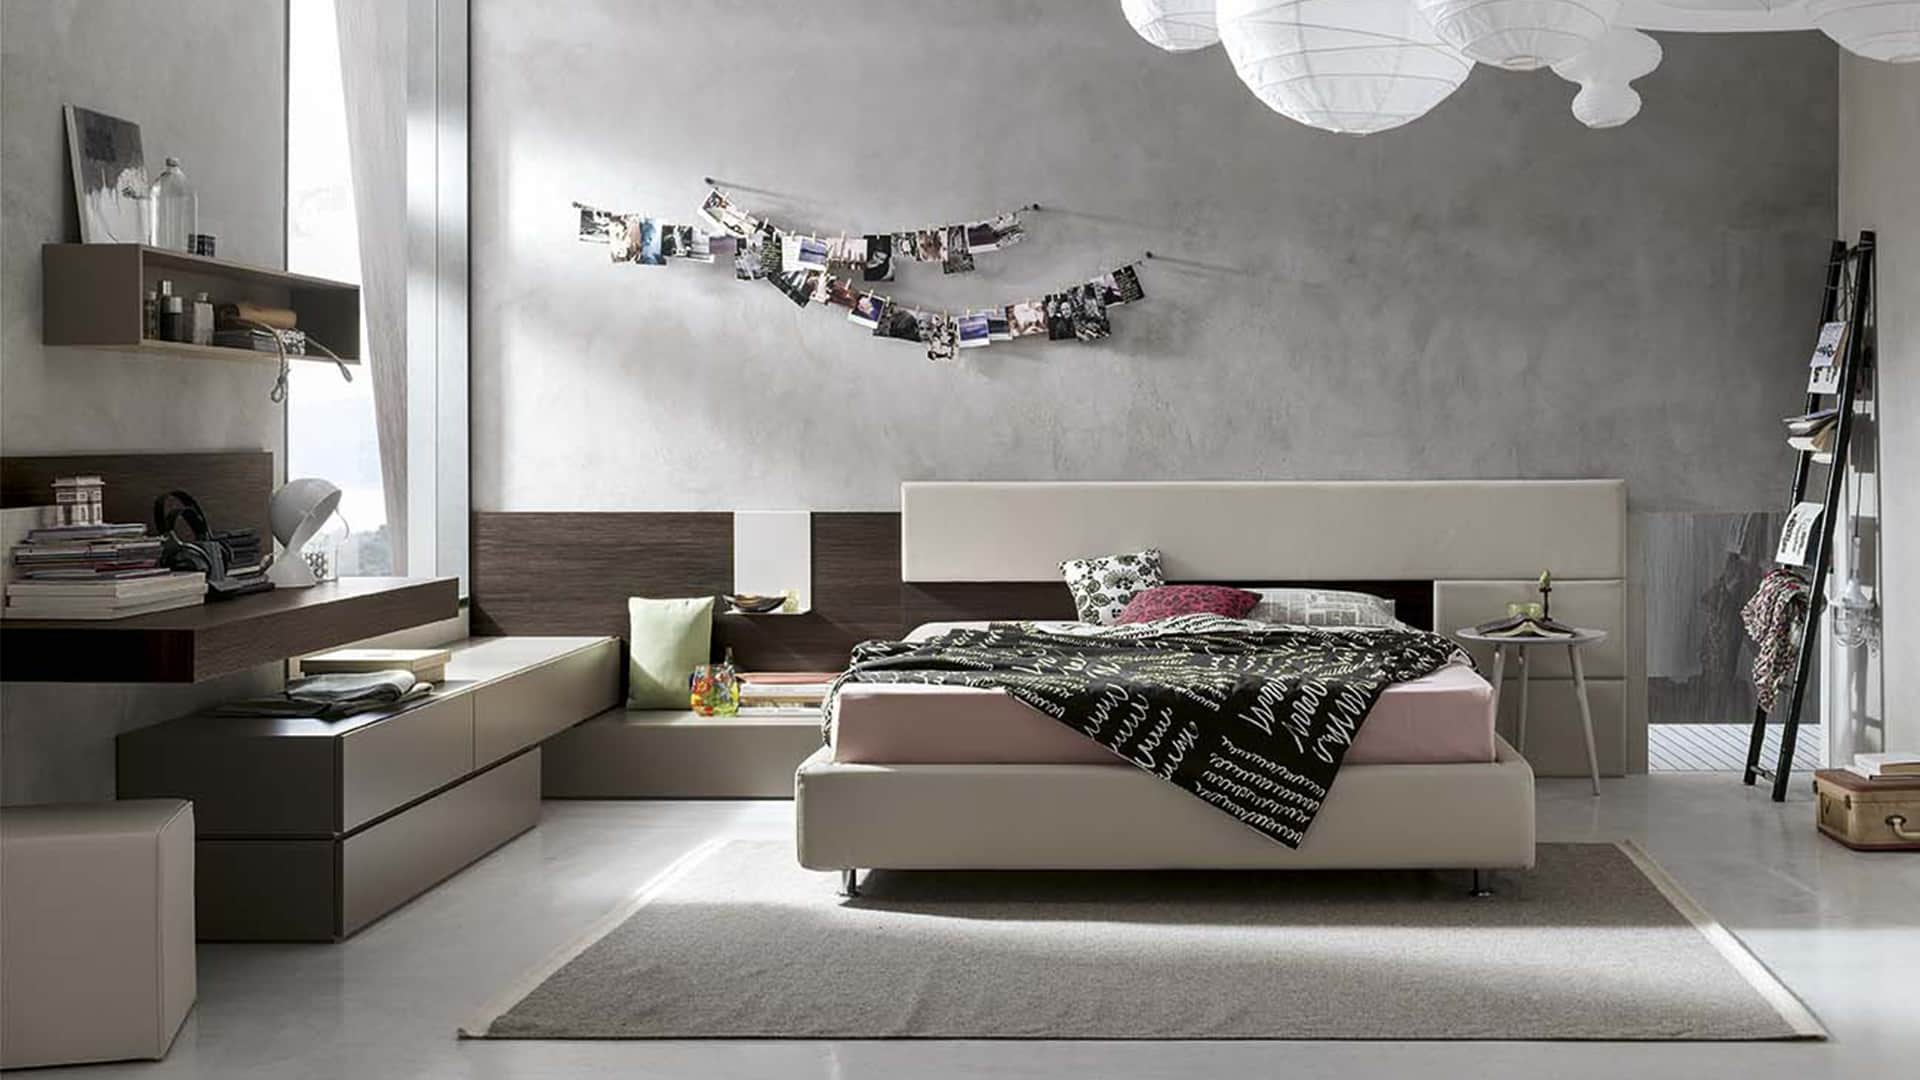 Arredamento per camere da letto a padova for Arredamento letto